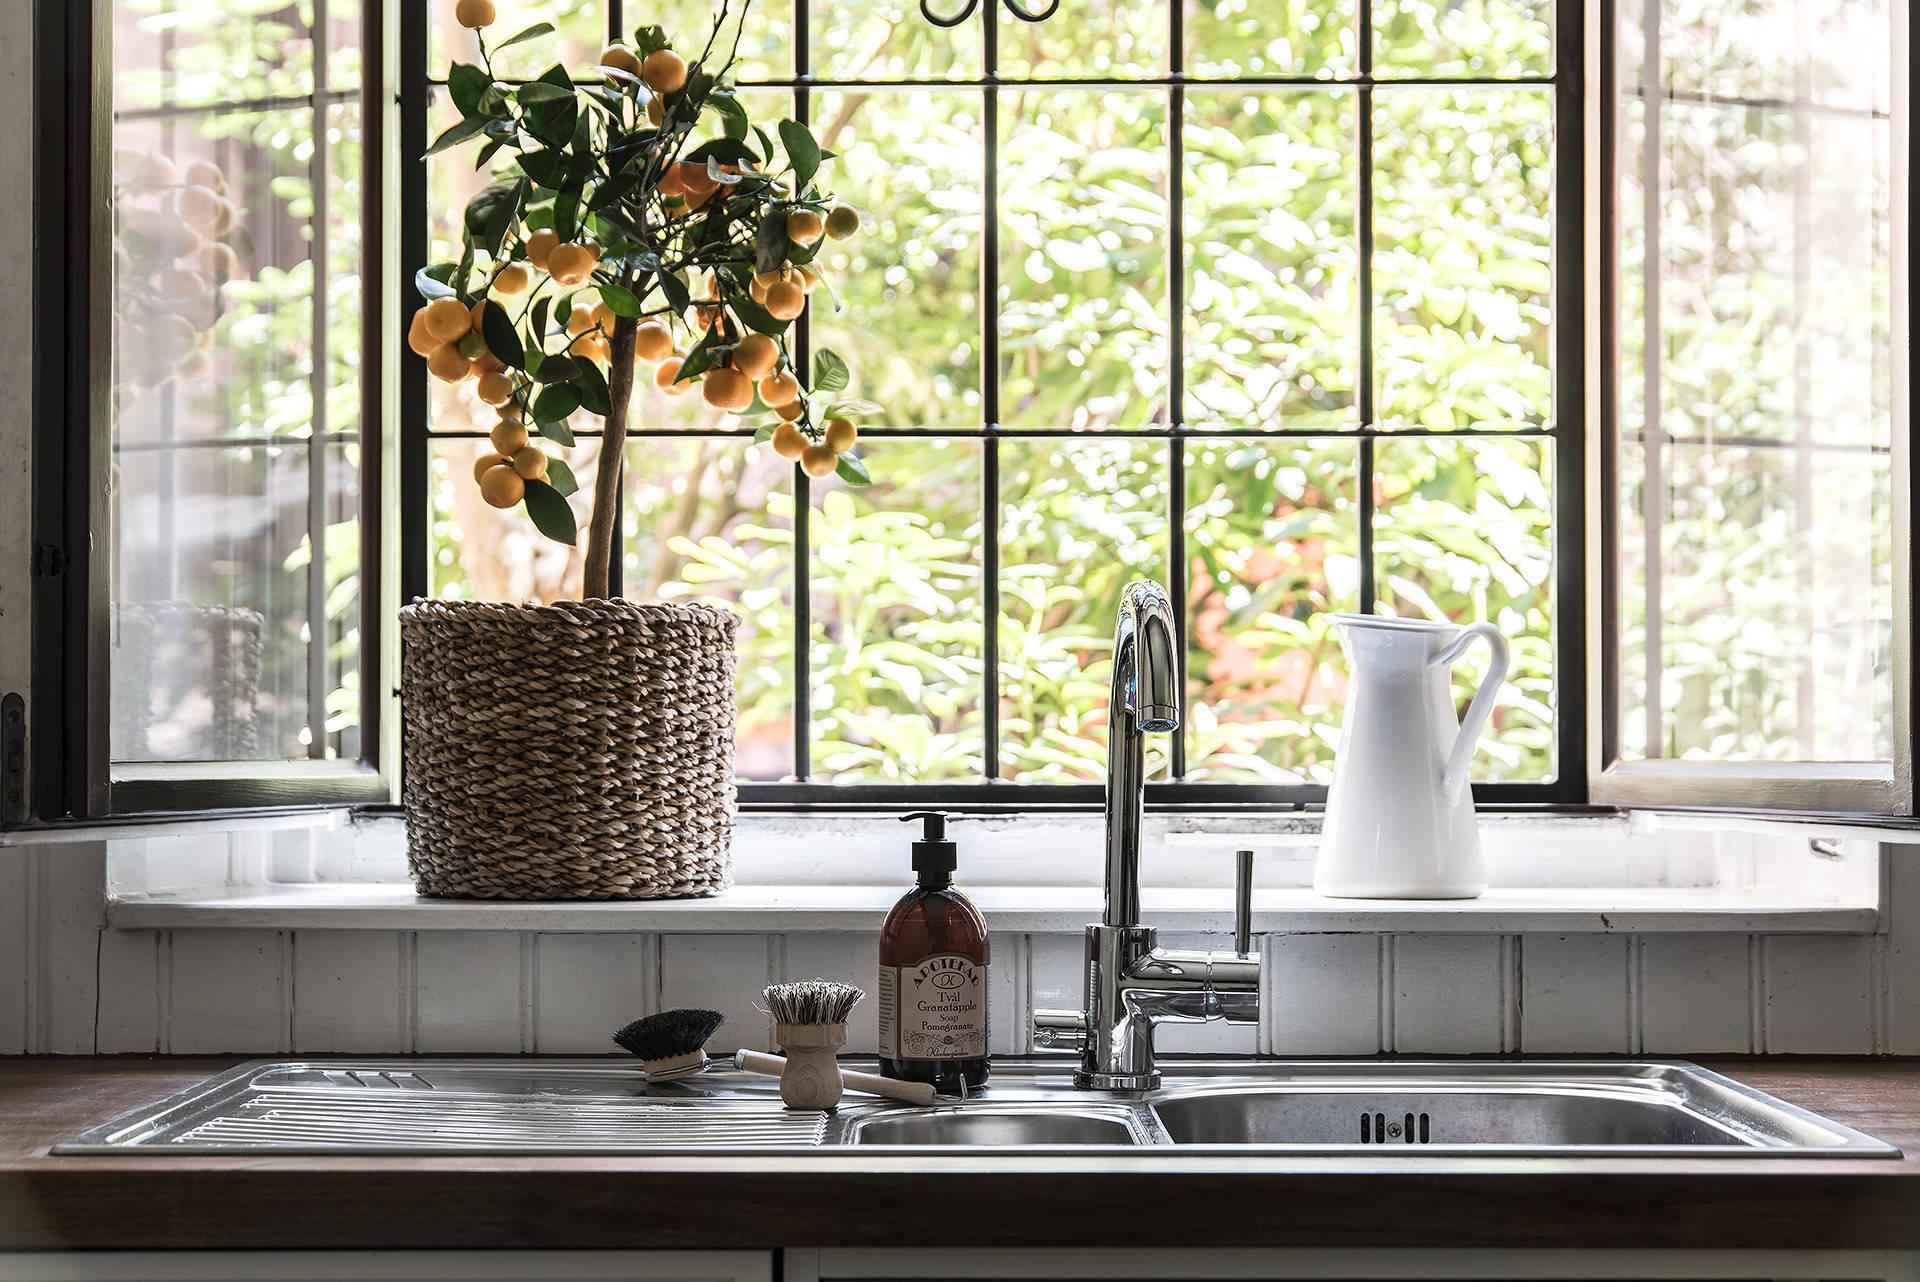 окно подоконник кашпо кухонная мойка смеситель столешница